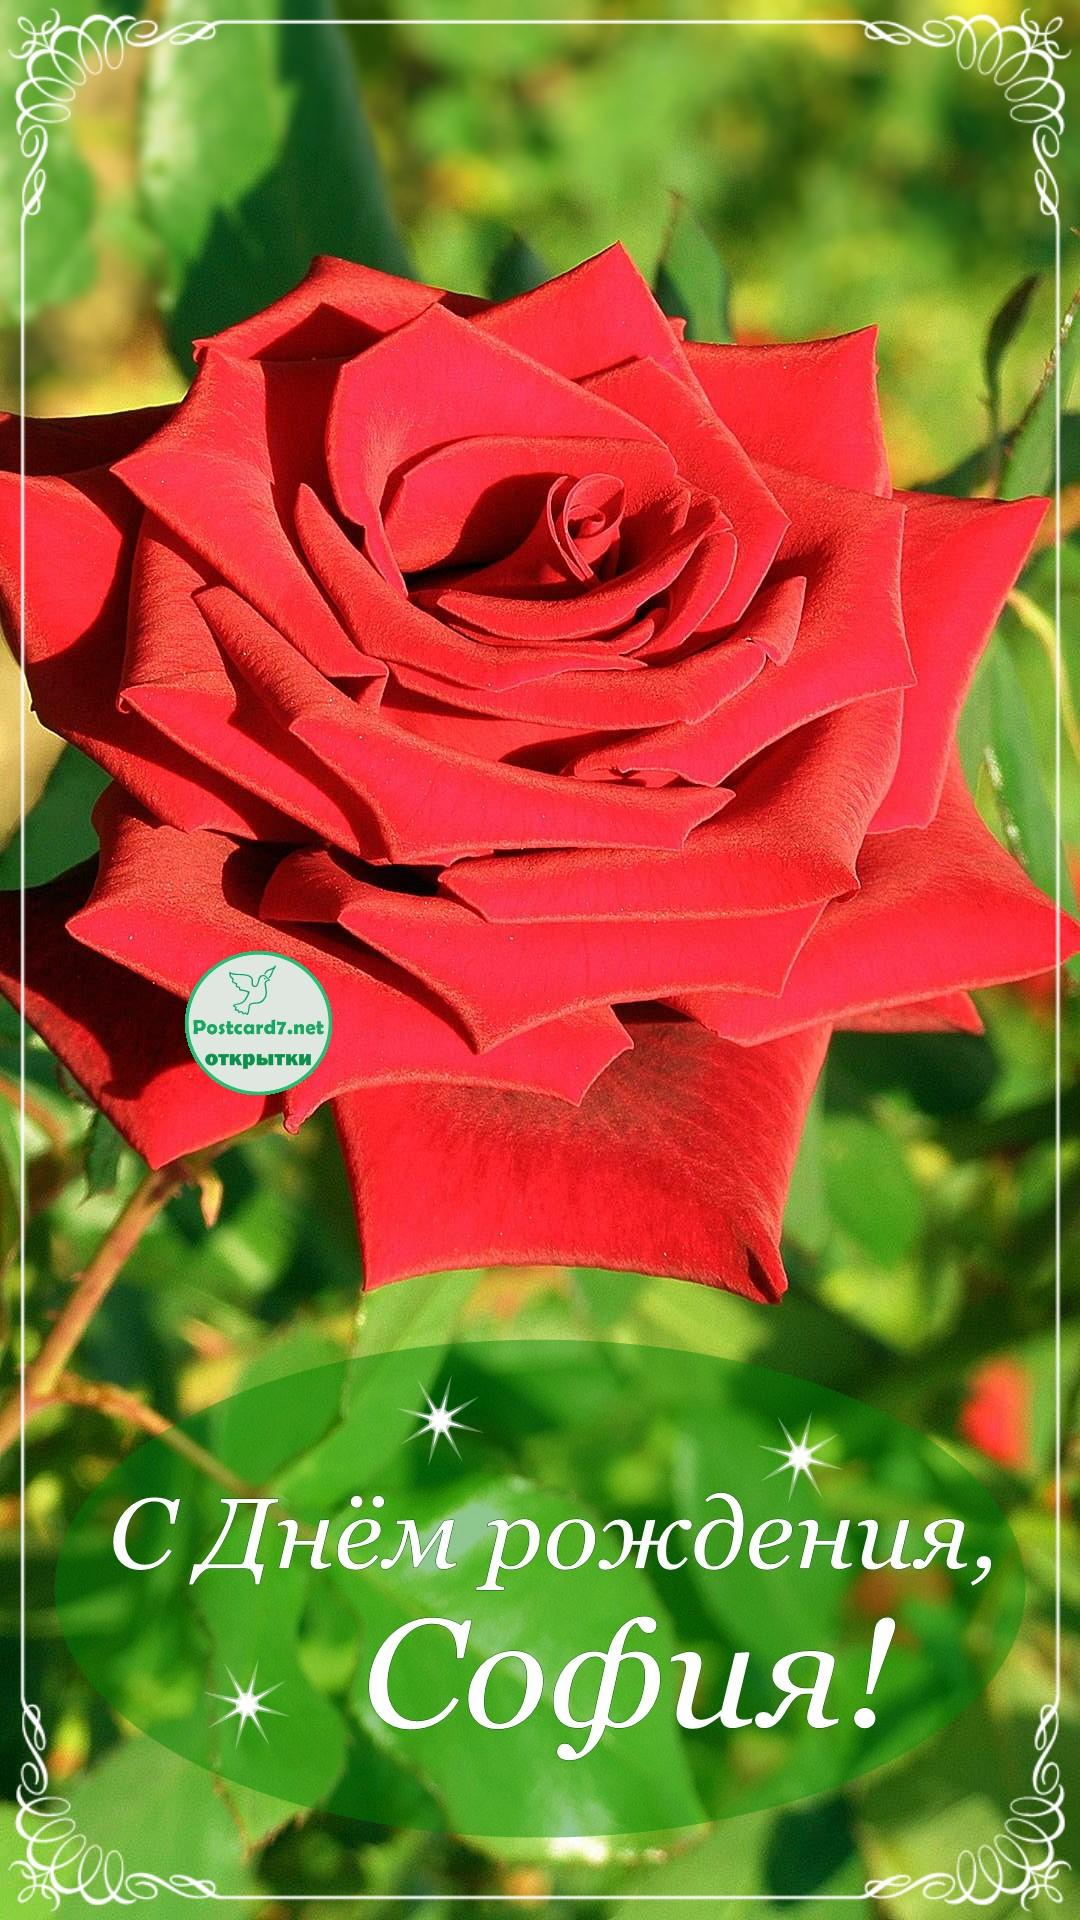 оргстекла отличается, поздравления с днем рождения именные софия аромата